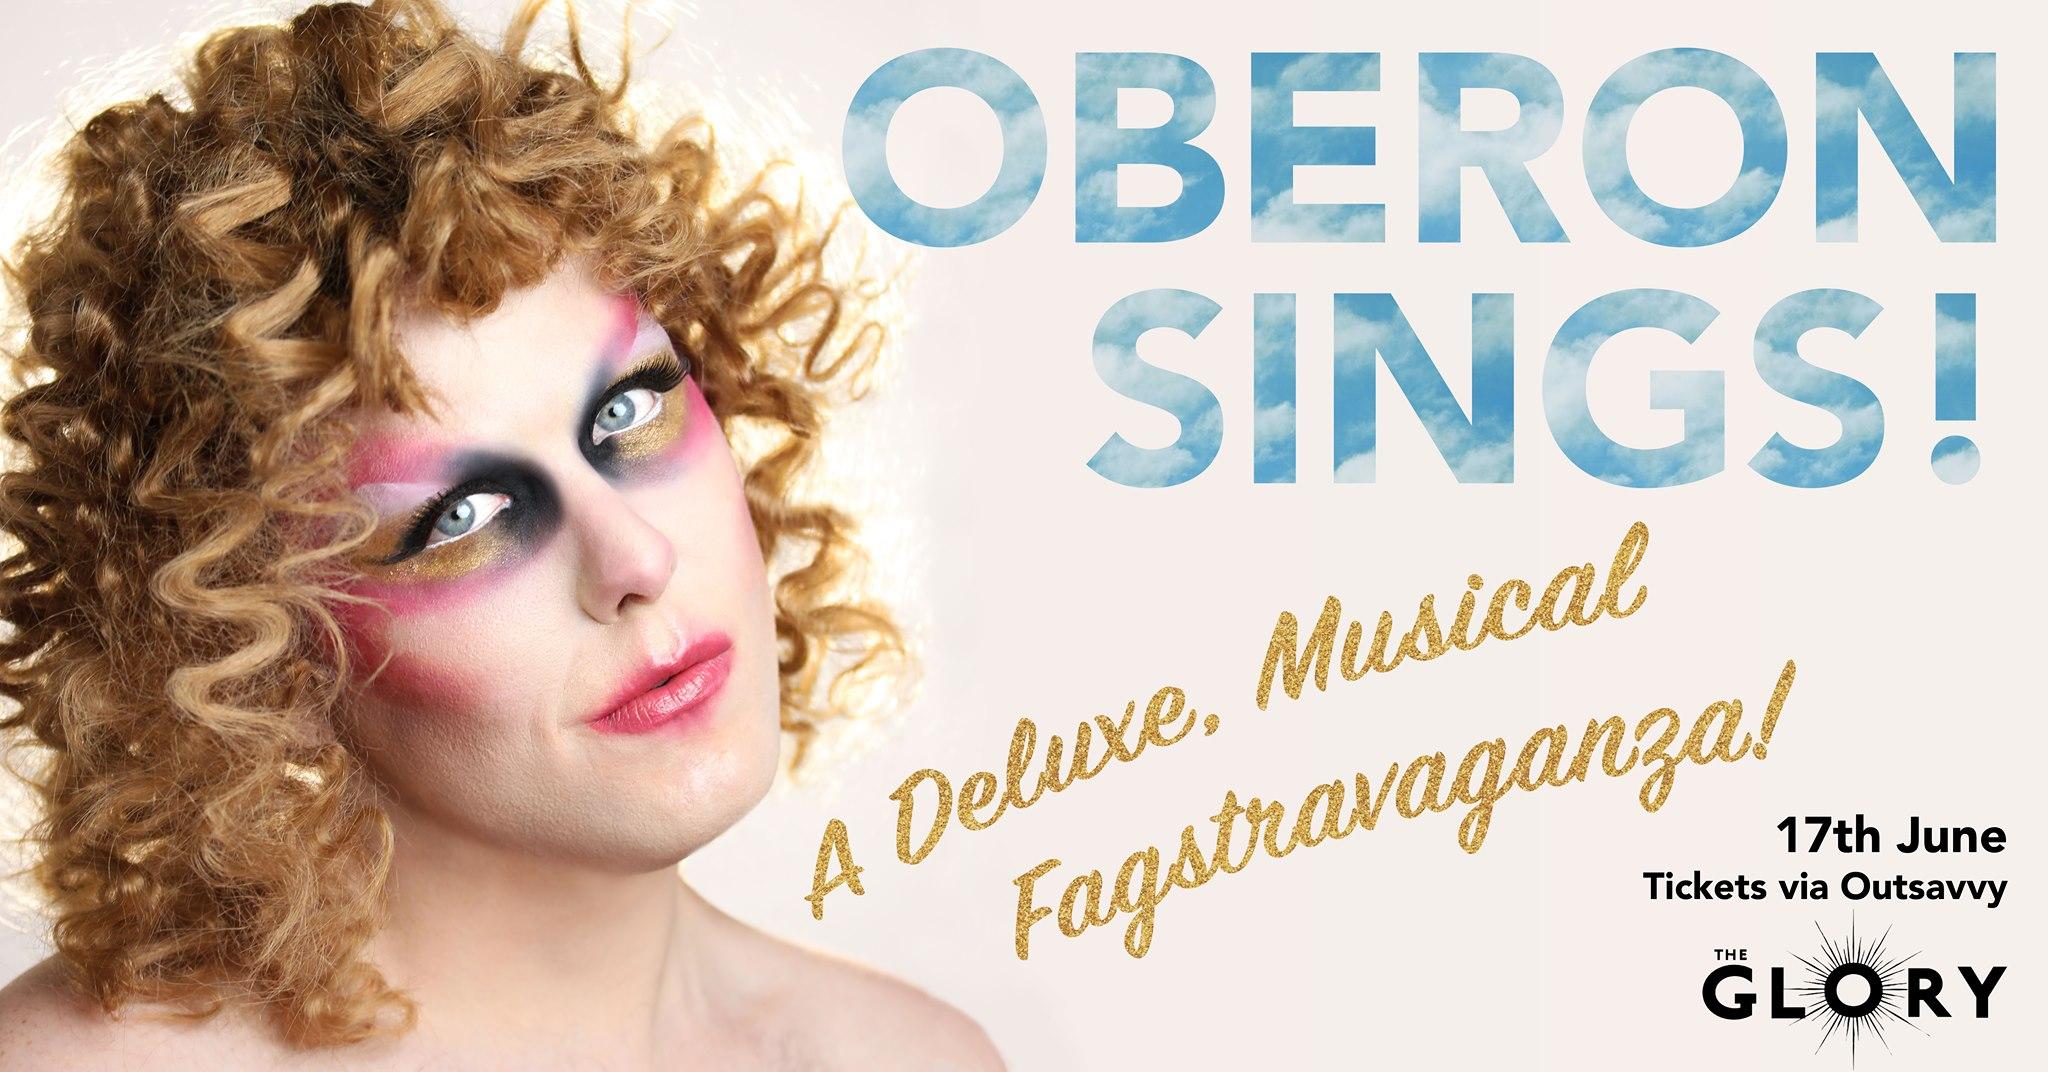 Oberon Sings! A Deluxe, Musical Fagstravaganza!